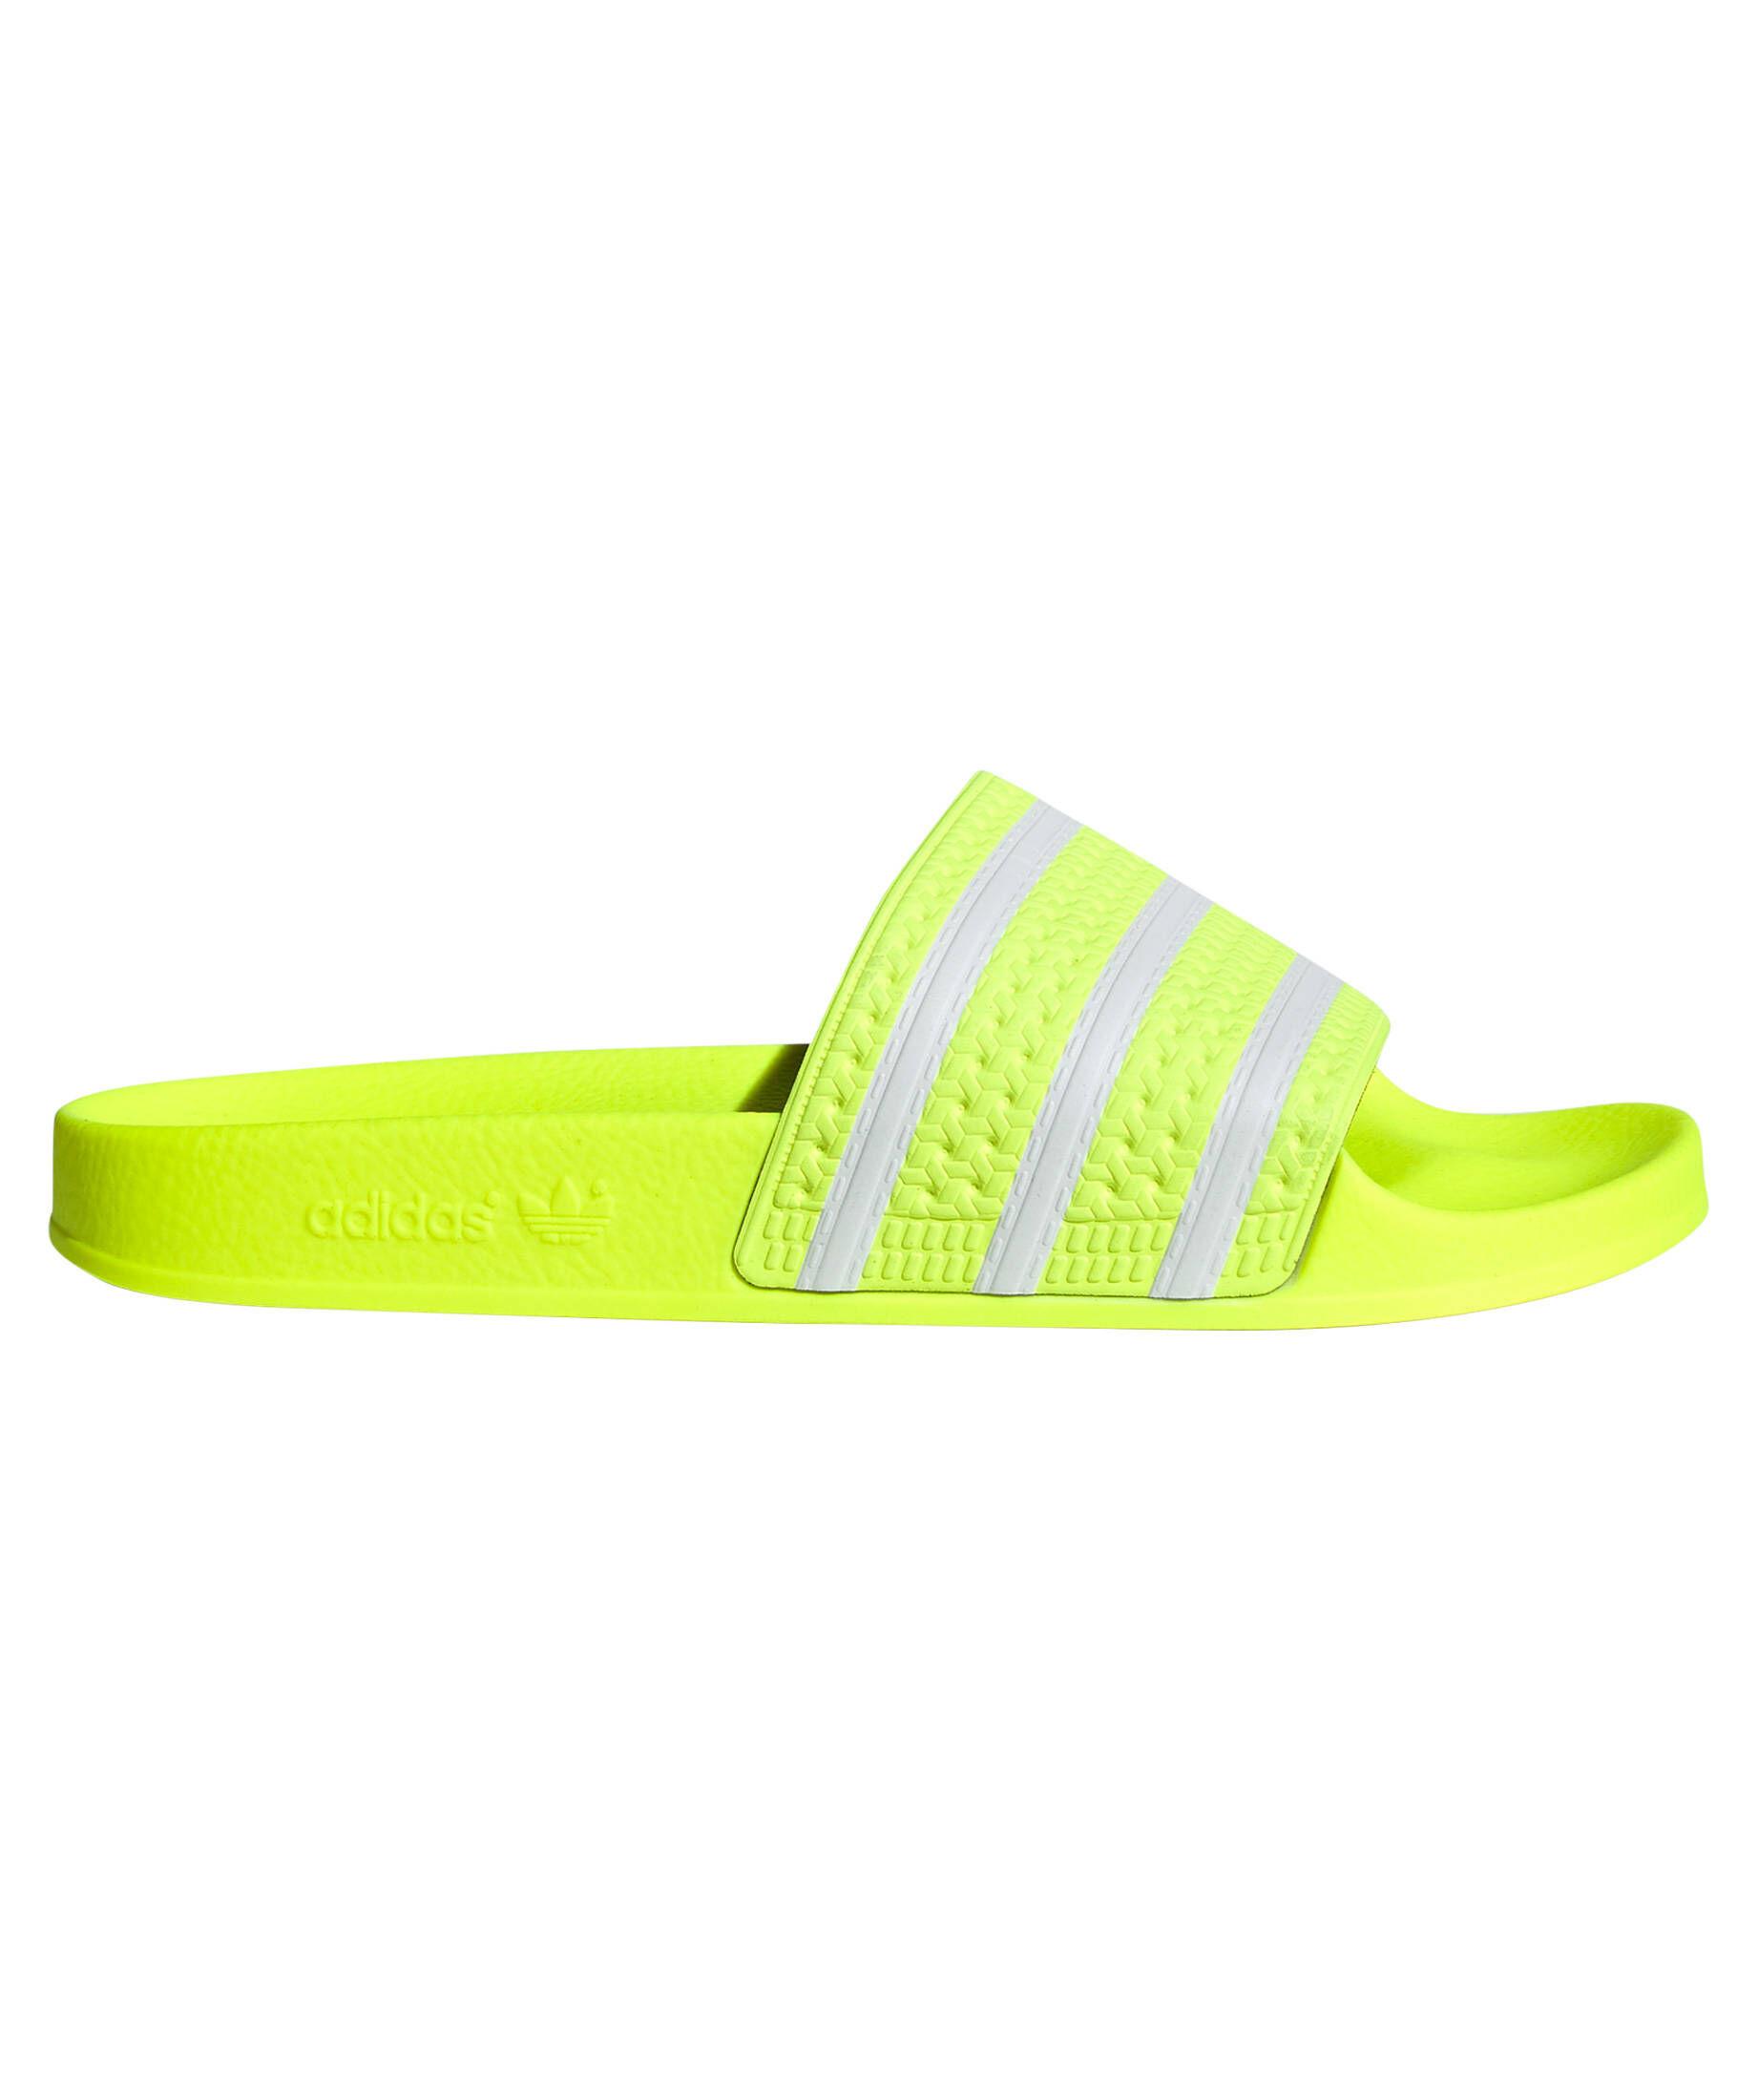 adidas Badeschuhe ADILETTE SCHWARZ WEISS Damen Schuhe